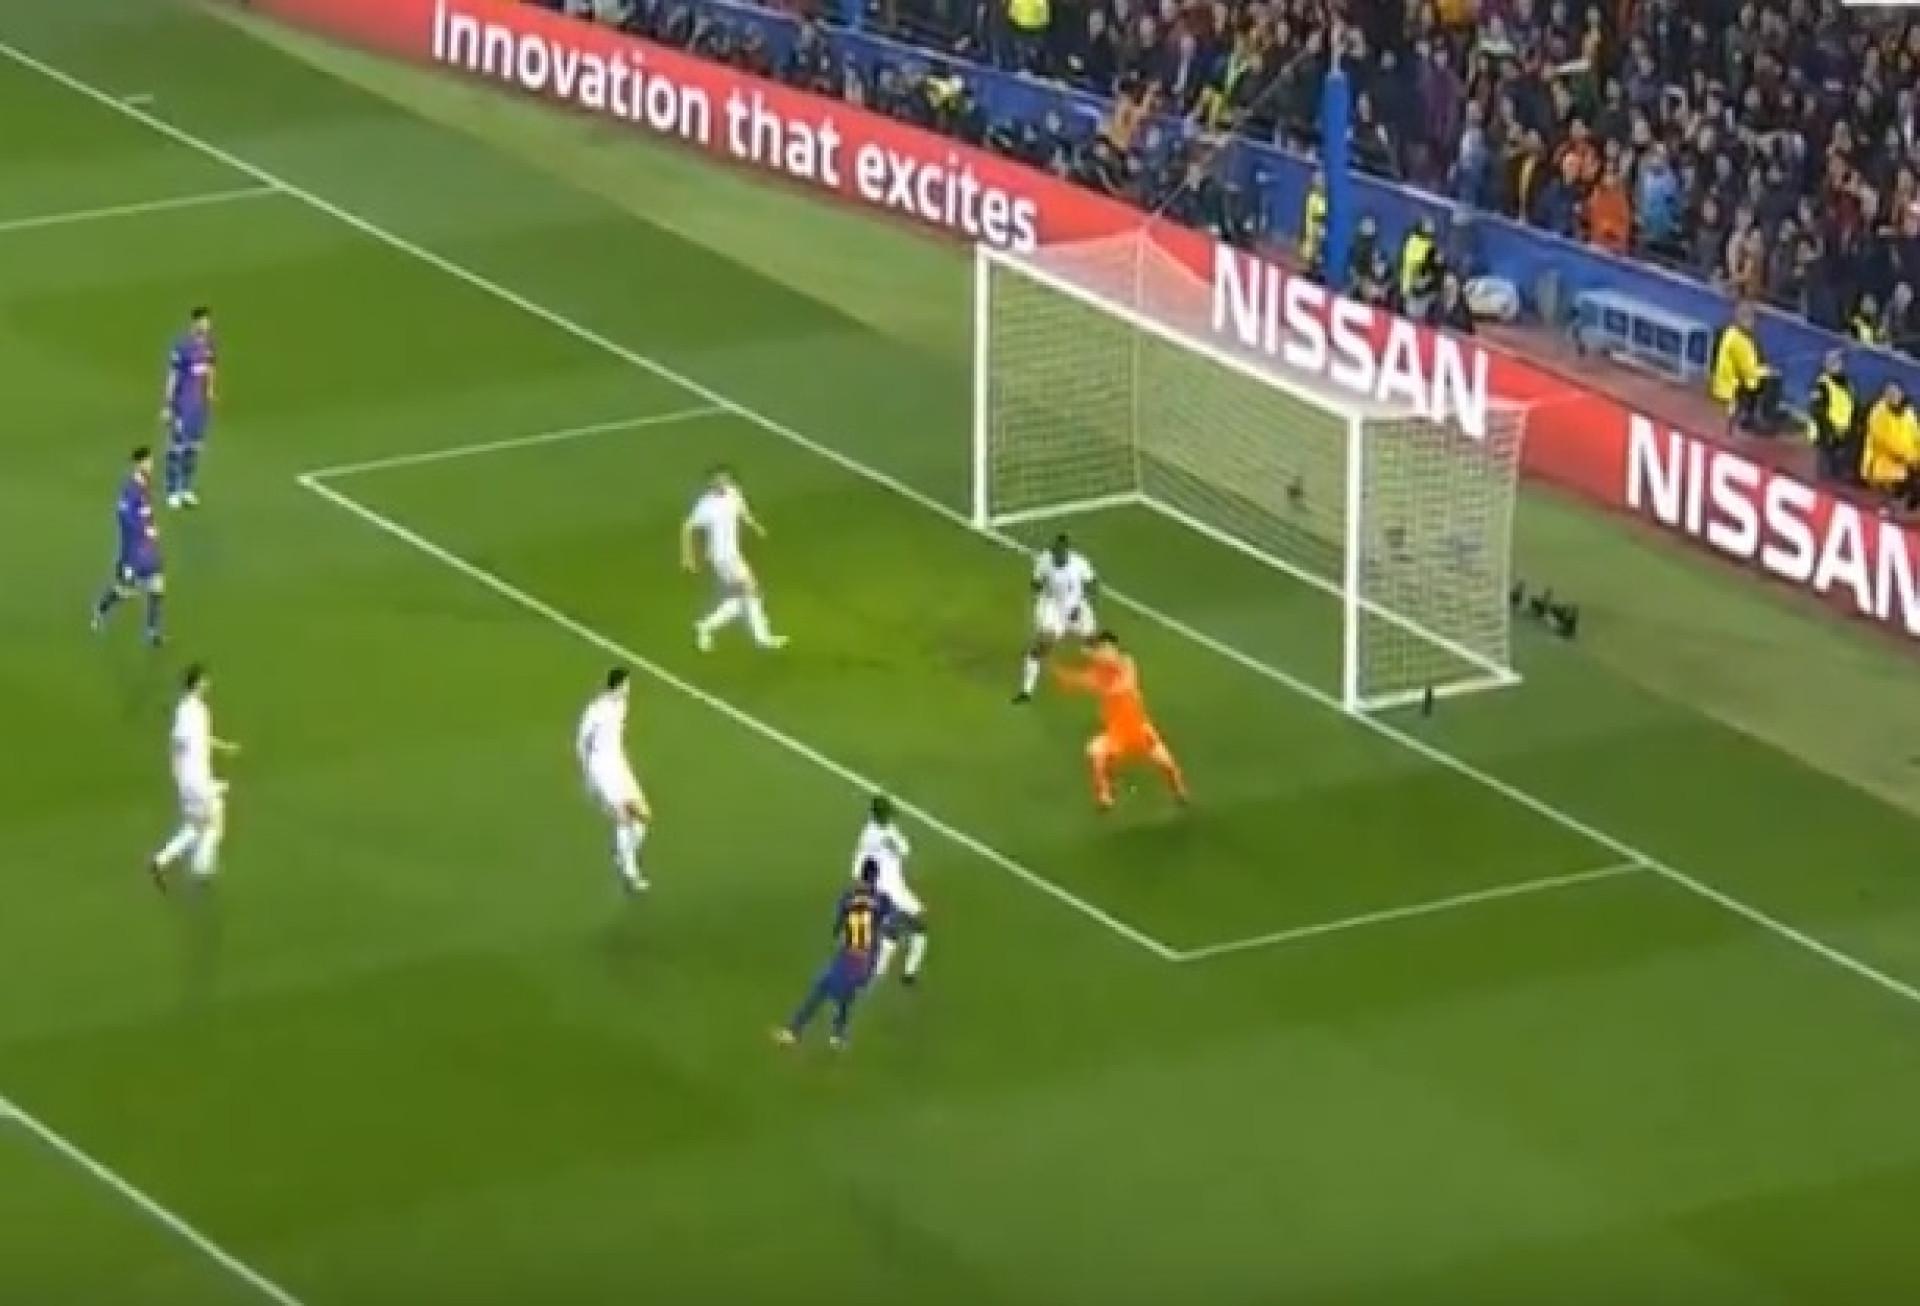 Depois de Messi, foi a vez de Dembélé fazer uma 'maldade'